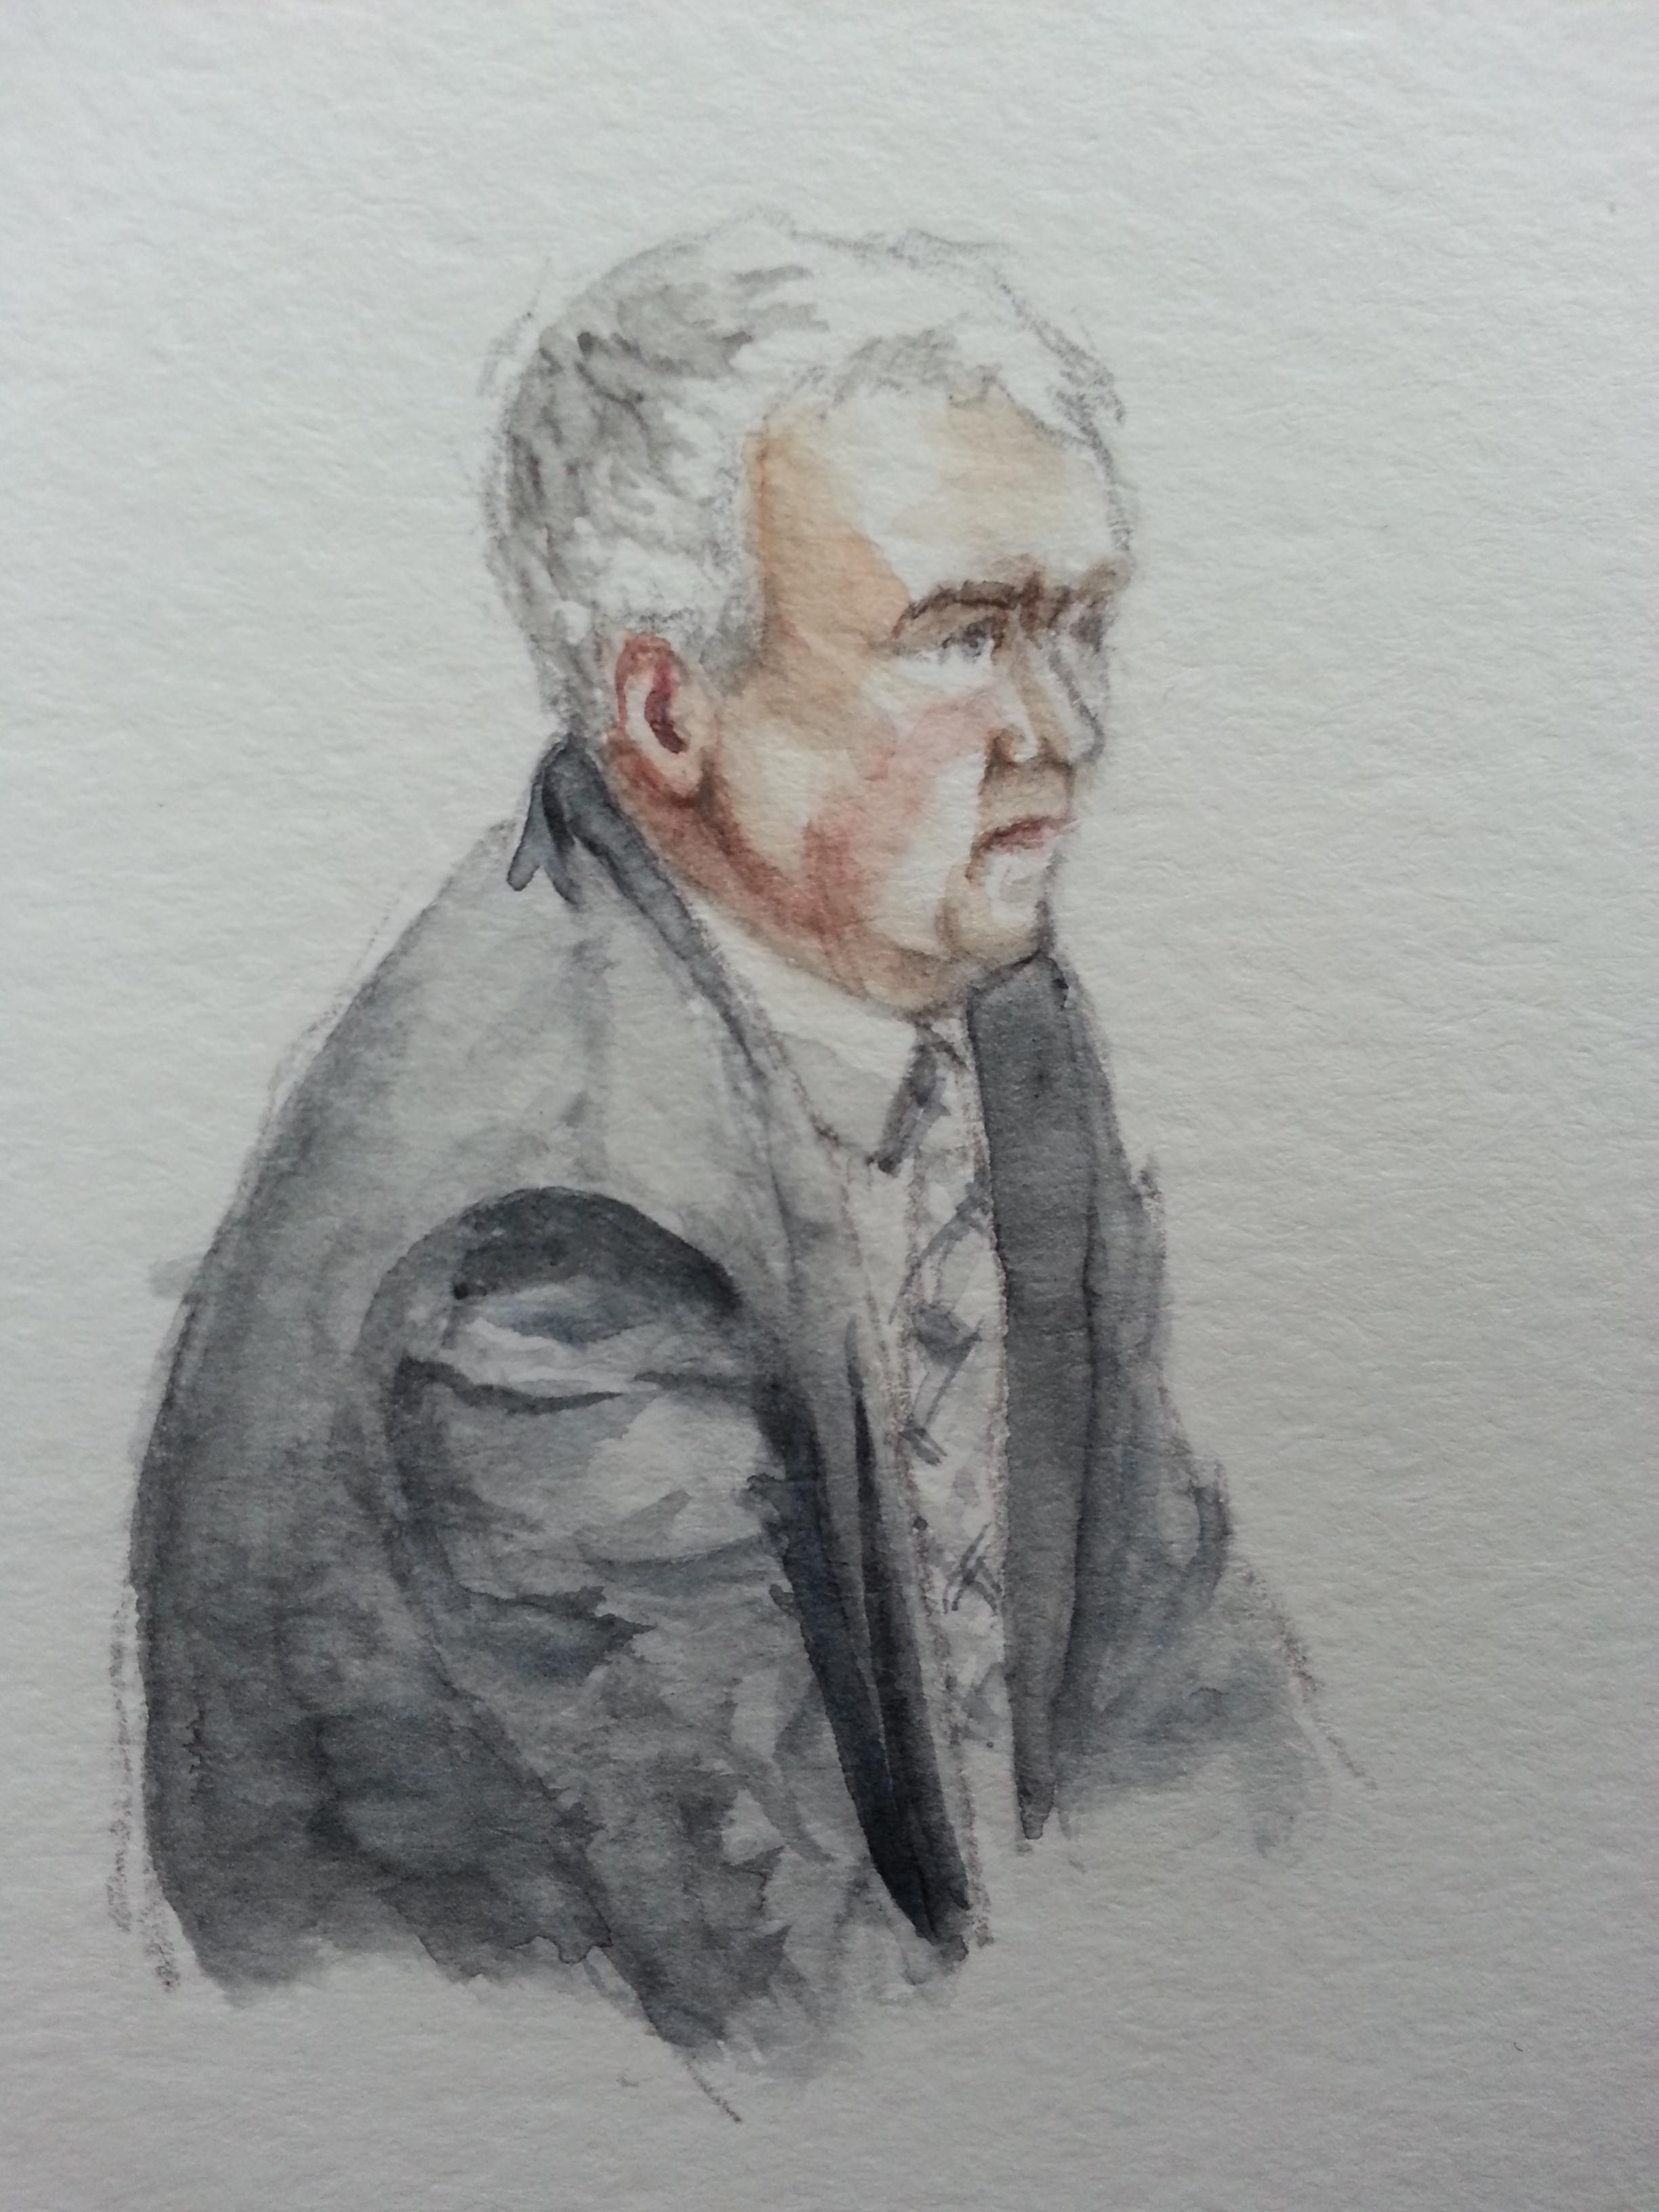 Zeuge Frank Wingerath bei seiner Anhörung. Zeichnung: Stella Schiffczyk. Lizenz: nicht frei.